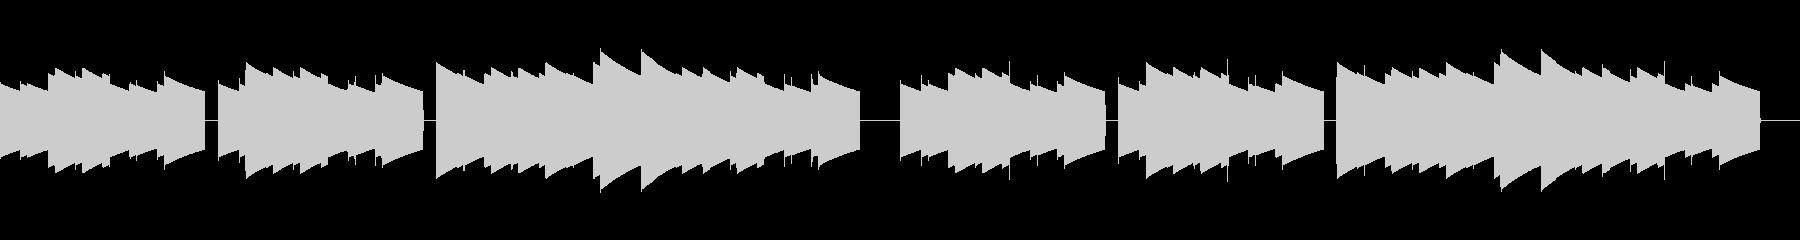 歩行者用信号機の音_故郷の空_01の未再生の波形